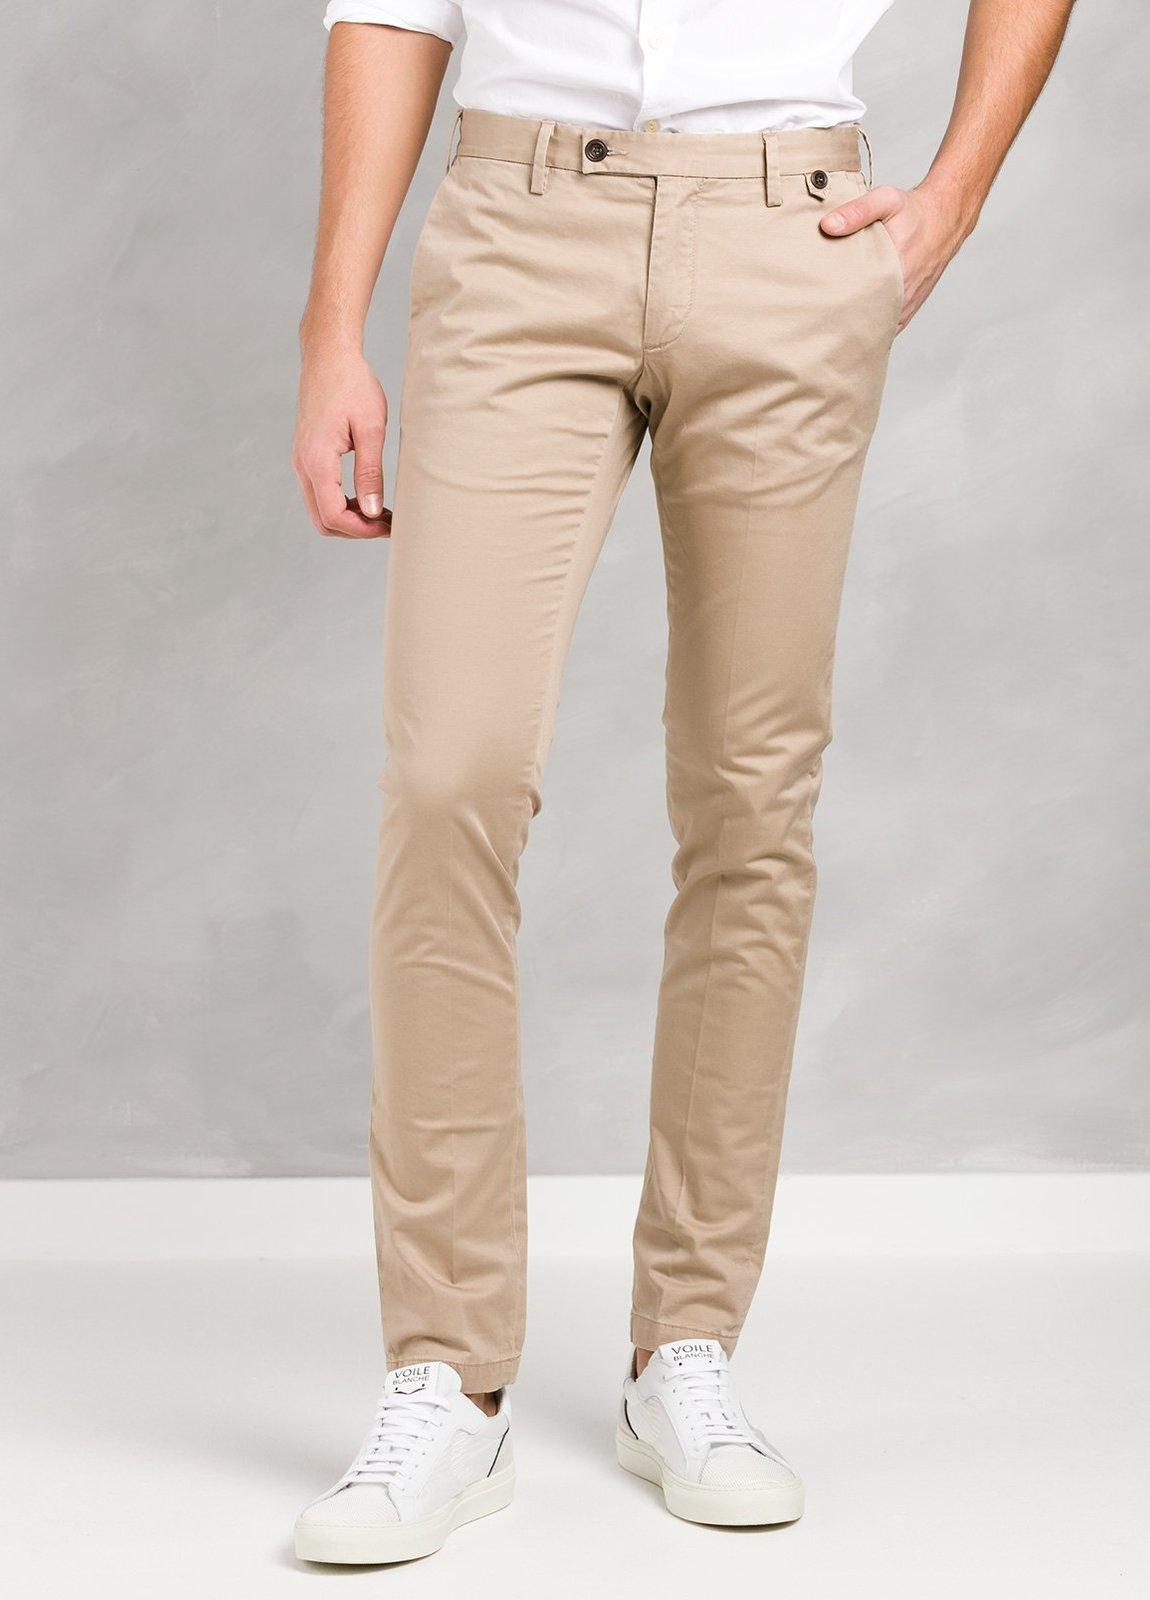 Pantalón sport color beige ligeramente slim fit, algodón satinado.